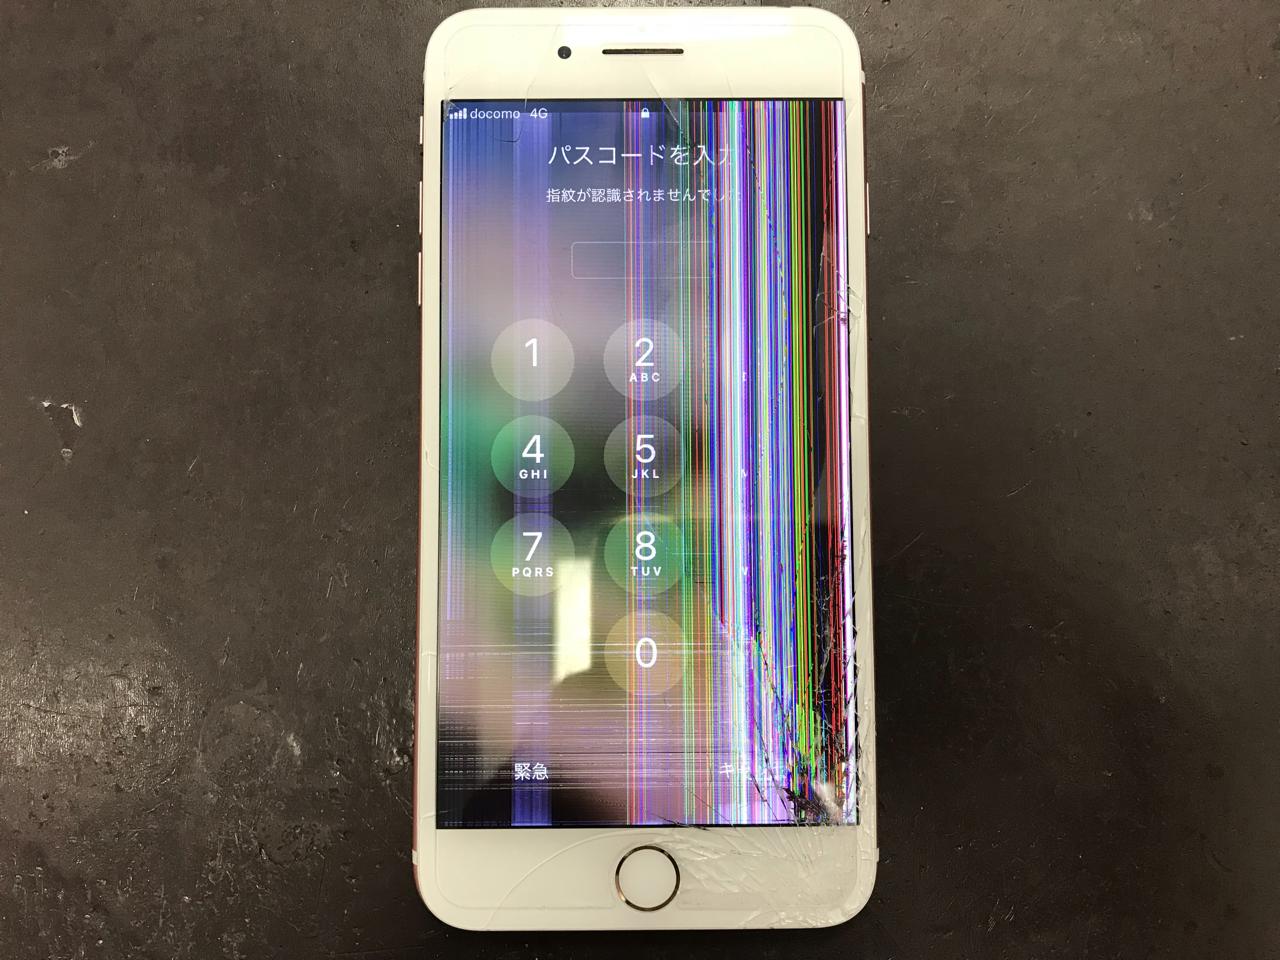 70b3c0f5-5e6e-4166-85f3-deb51068ae9d_1549857439_156499190 画面が割れてカラフルな線が入ったiPhone7Plusの修理をしました!